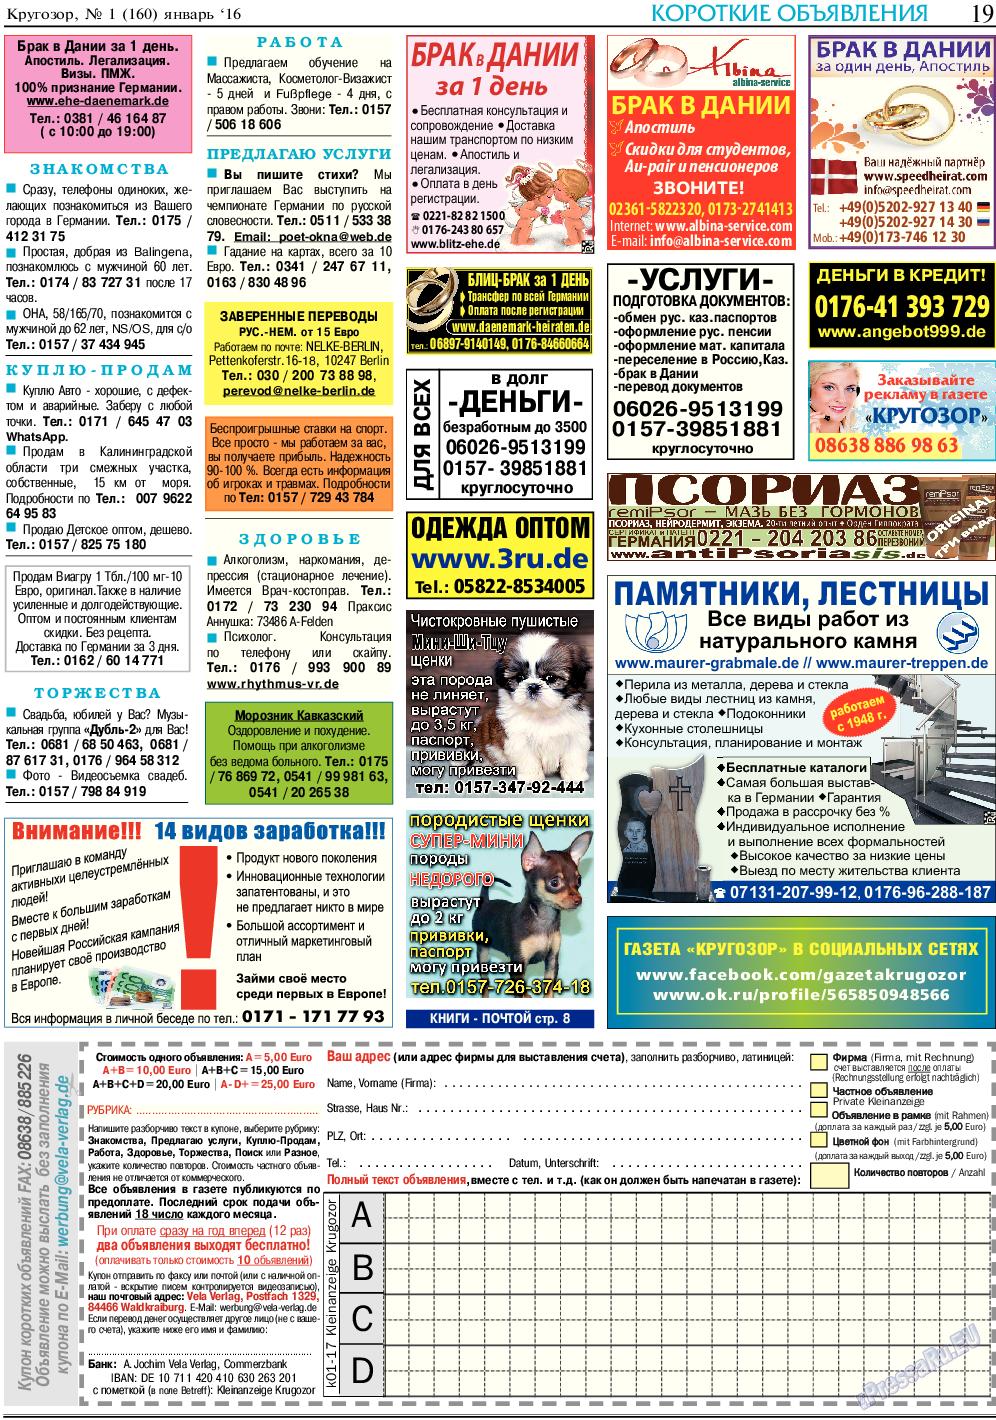 Кругозор (газета). 2017 год, номер 1, стр. 19